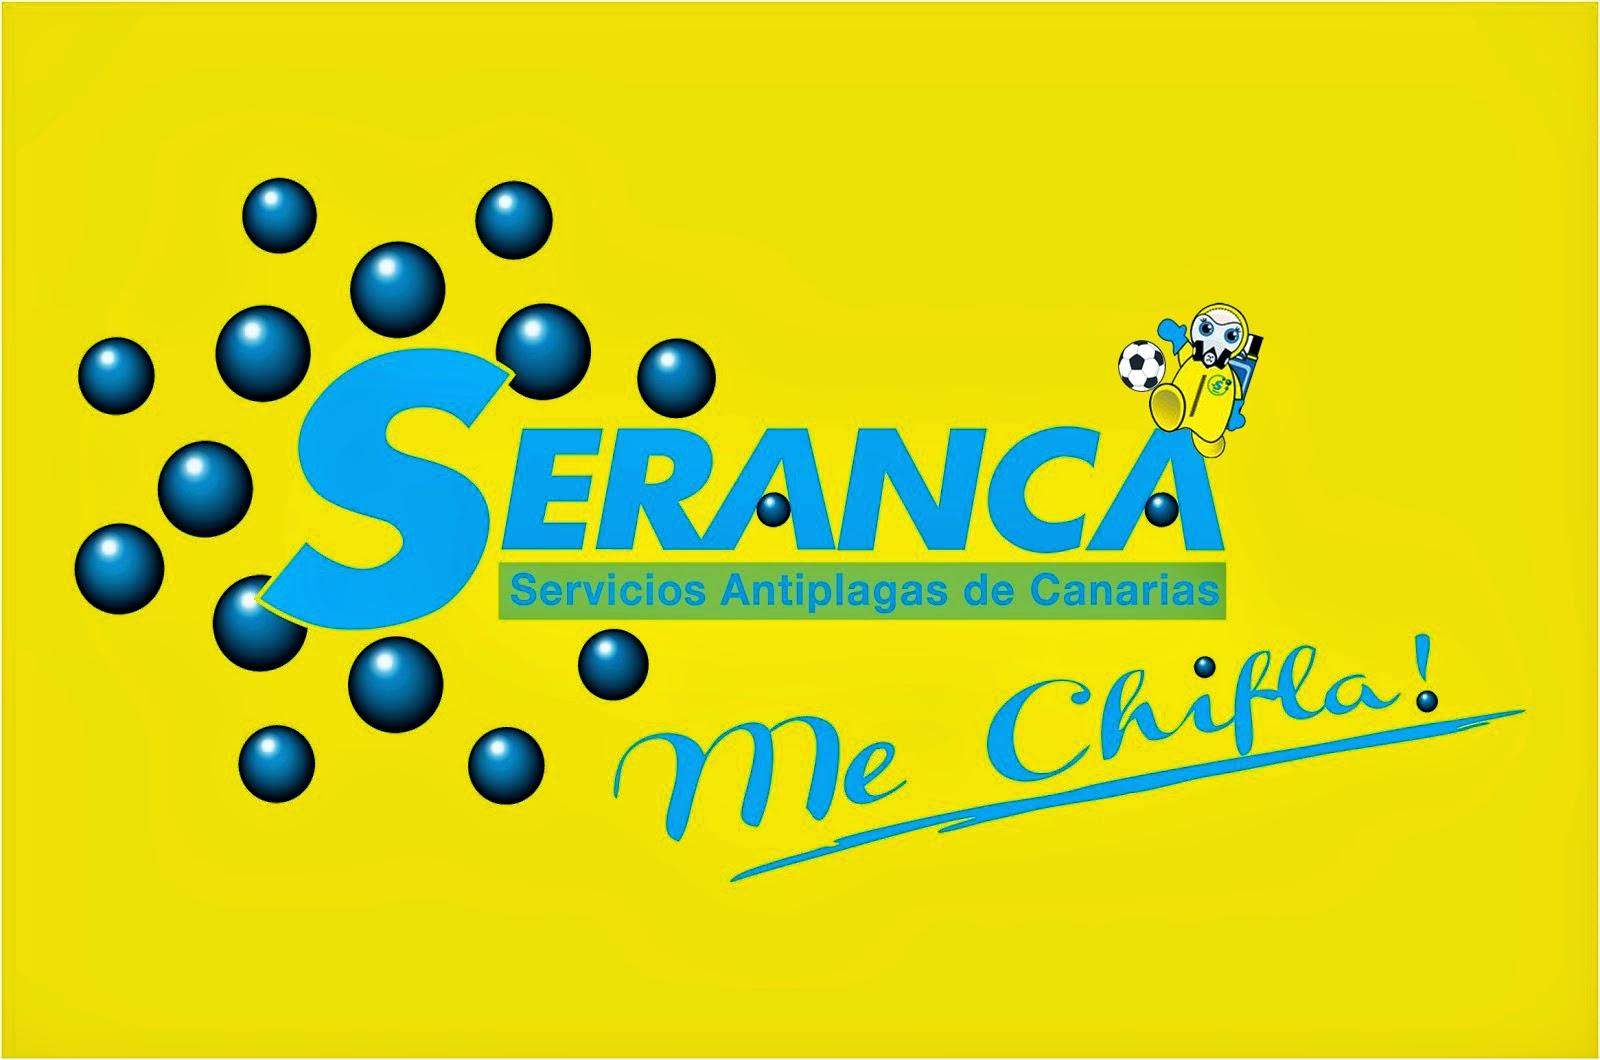 SERANCA